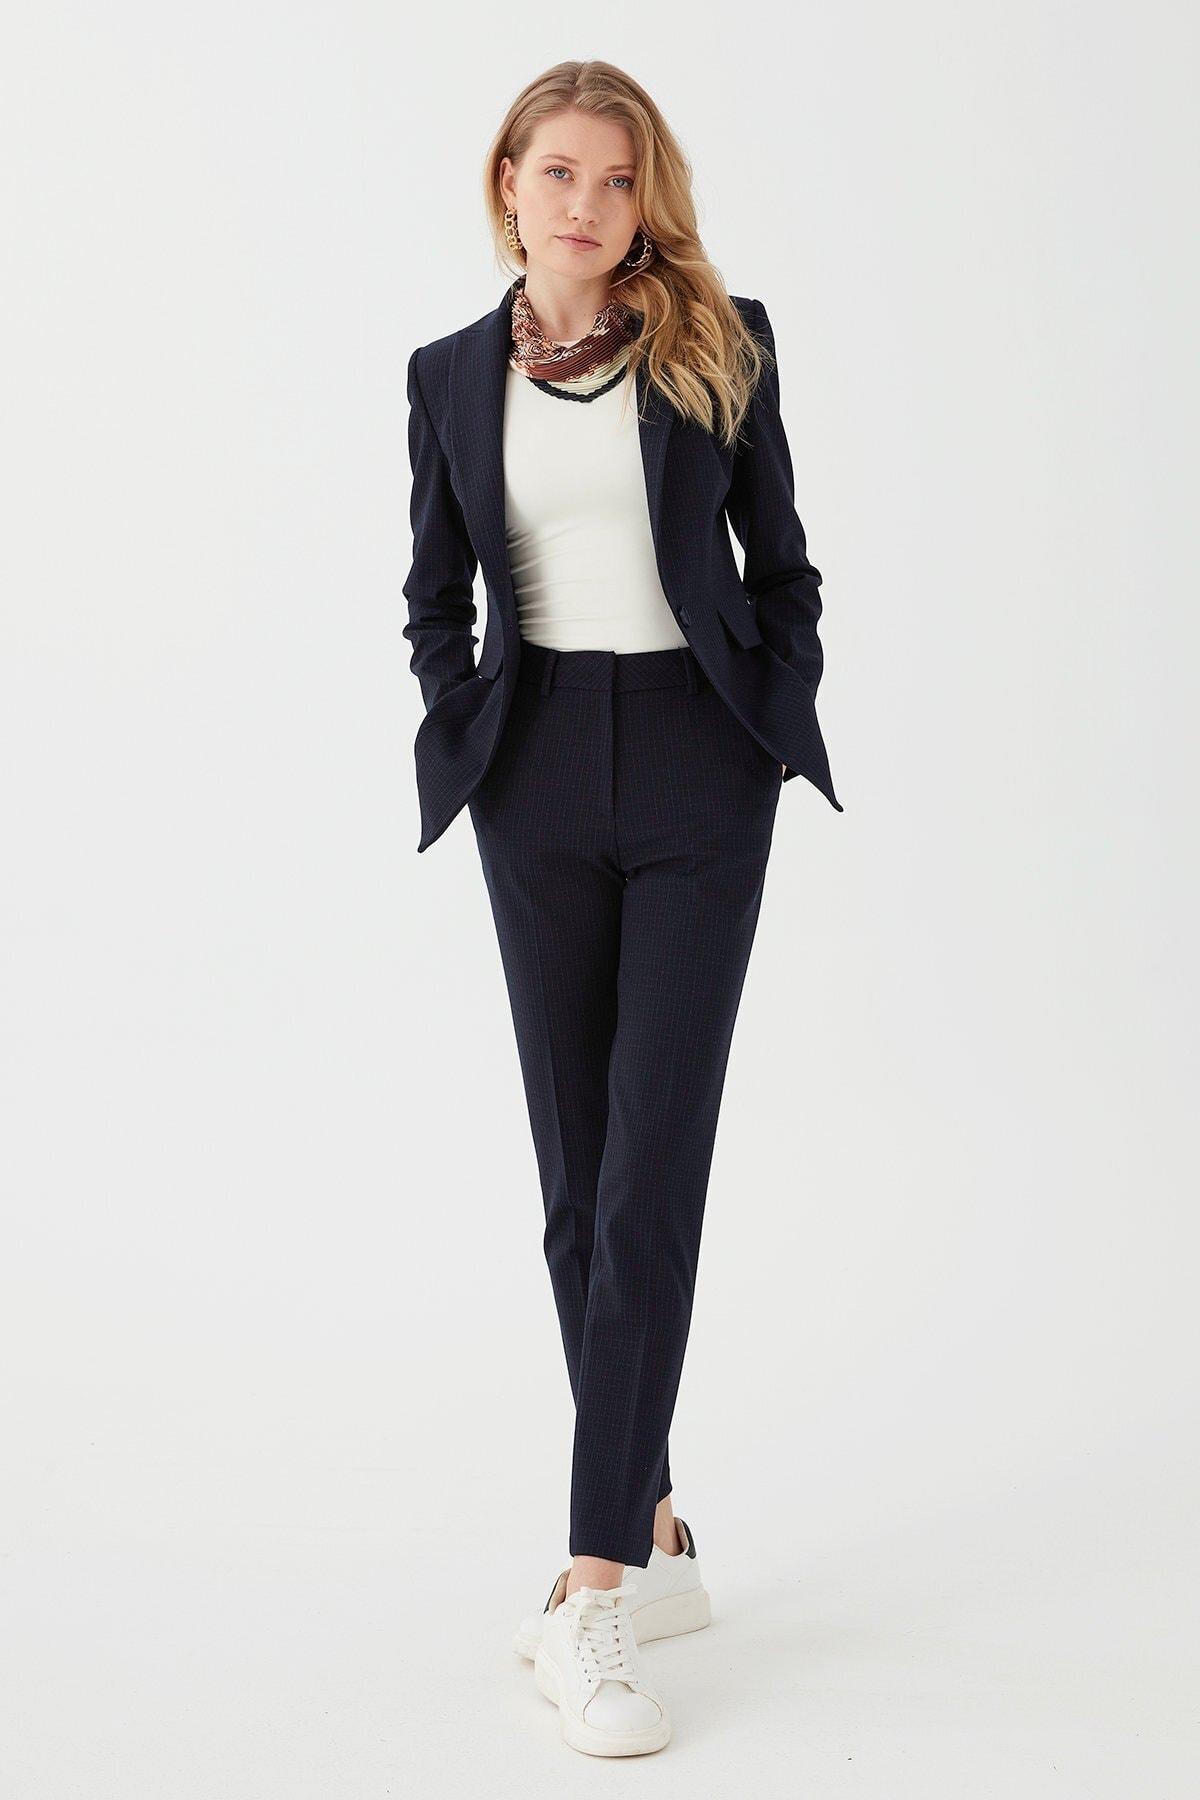 Chima Kadın Lacivert Dar Paça Yüksek Bel Pantolon 1